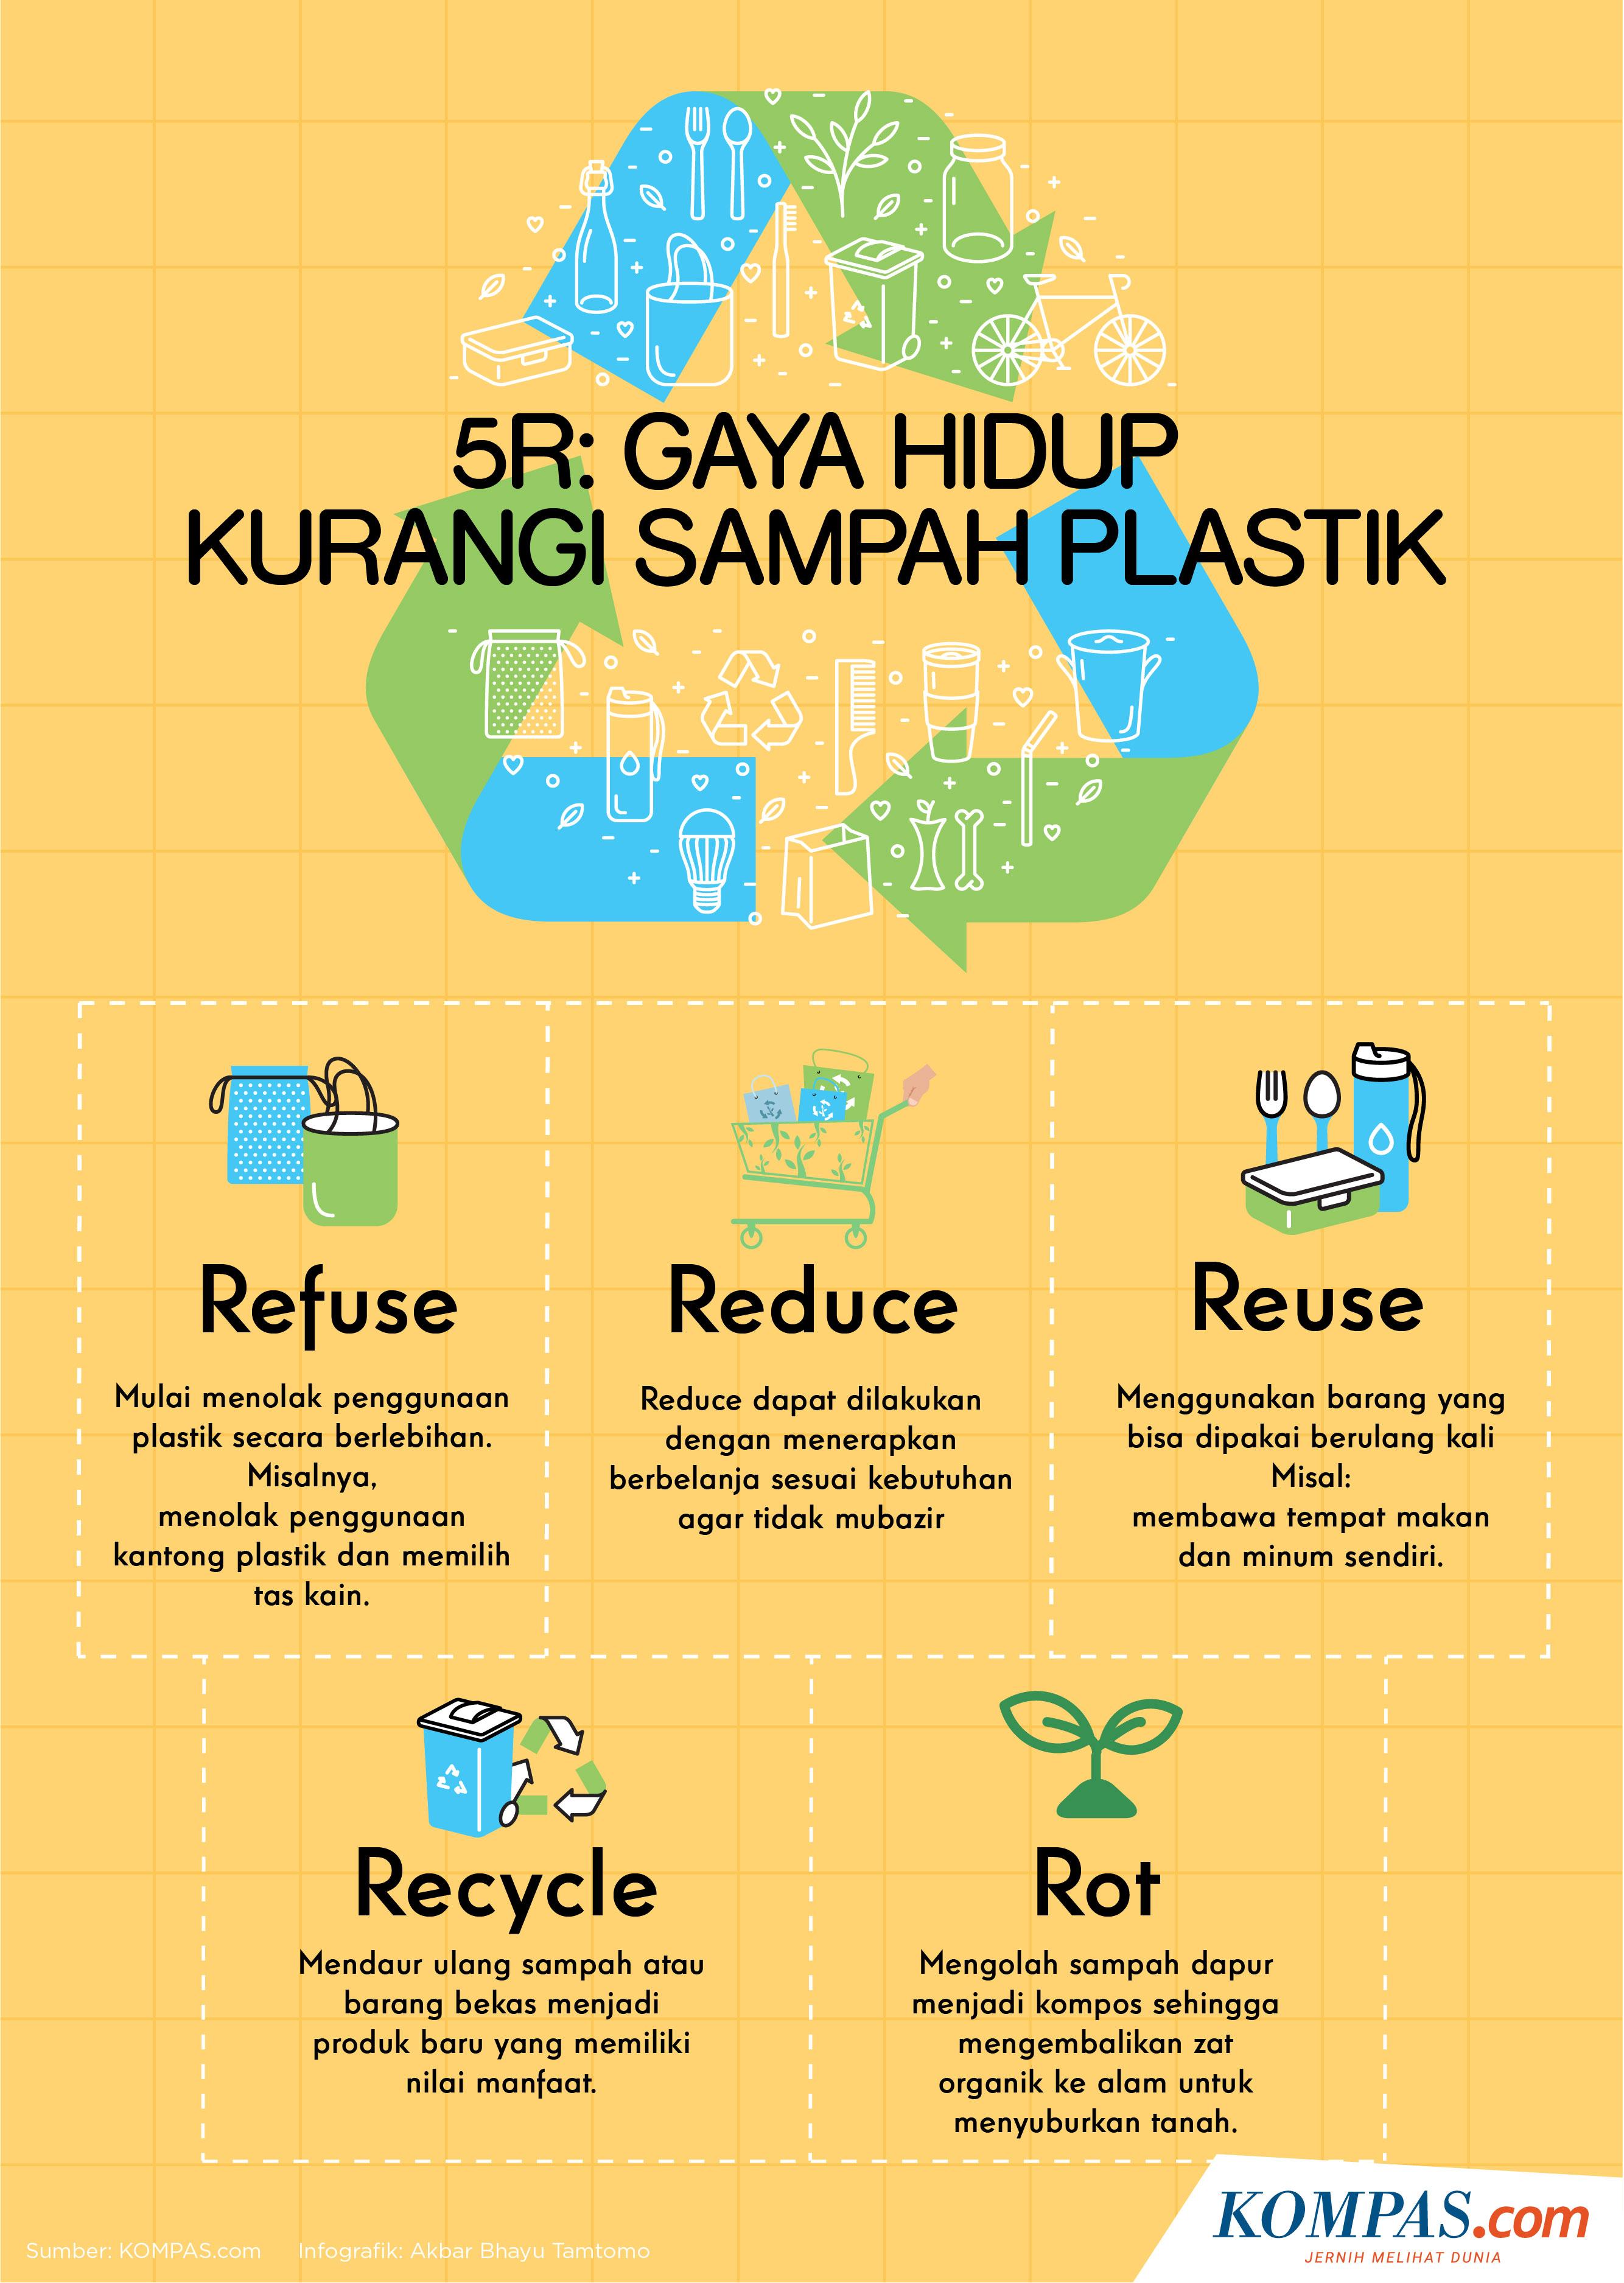 Infografik Gaya Hidup 5r Upaya Mengurangi Sampah Plastik